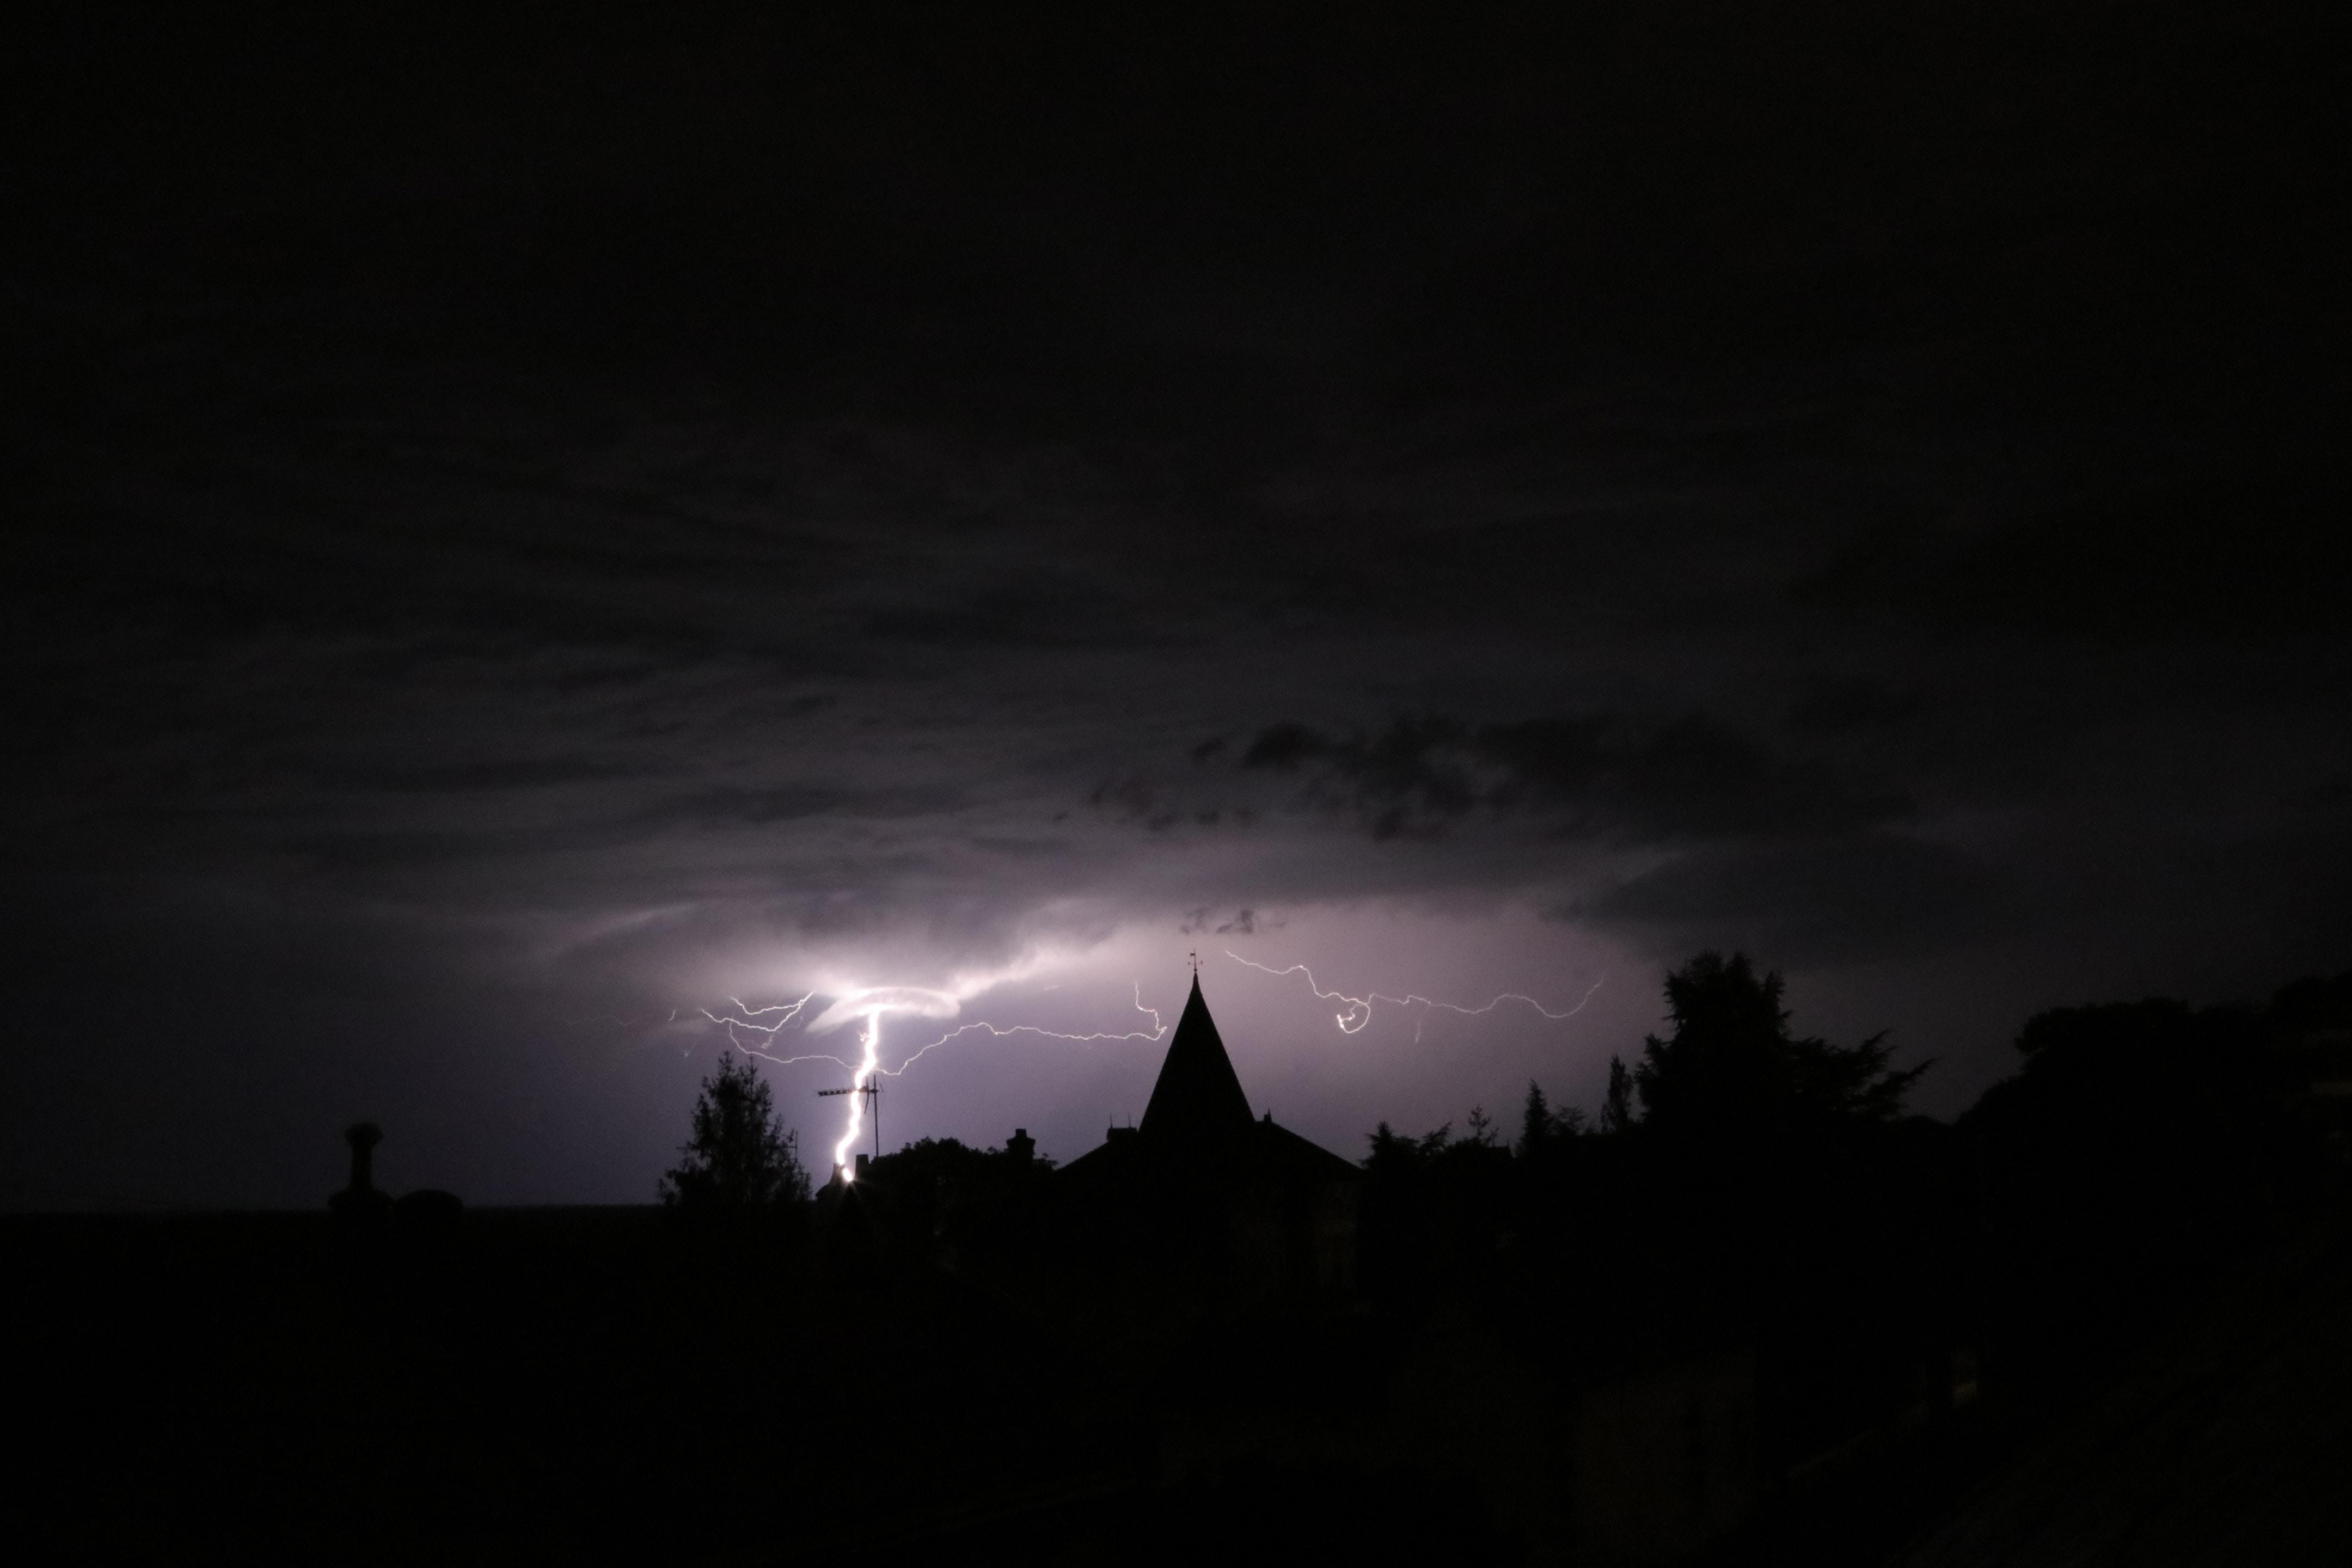 lightning strikes on land near building at night